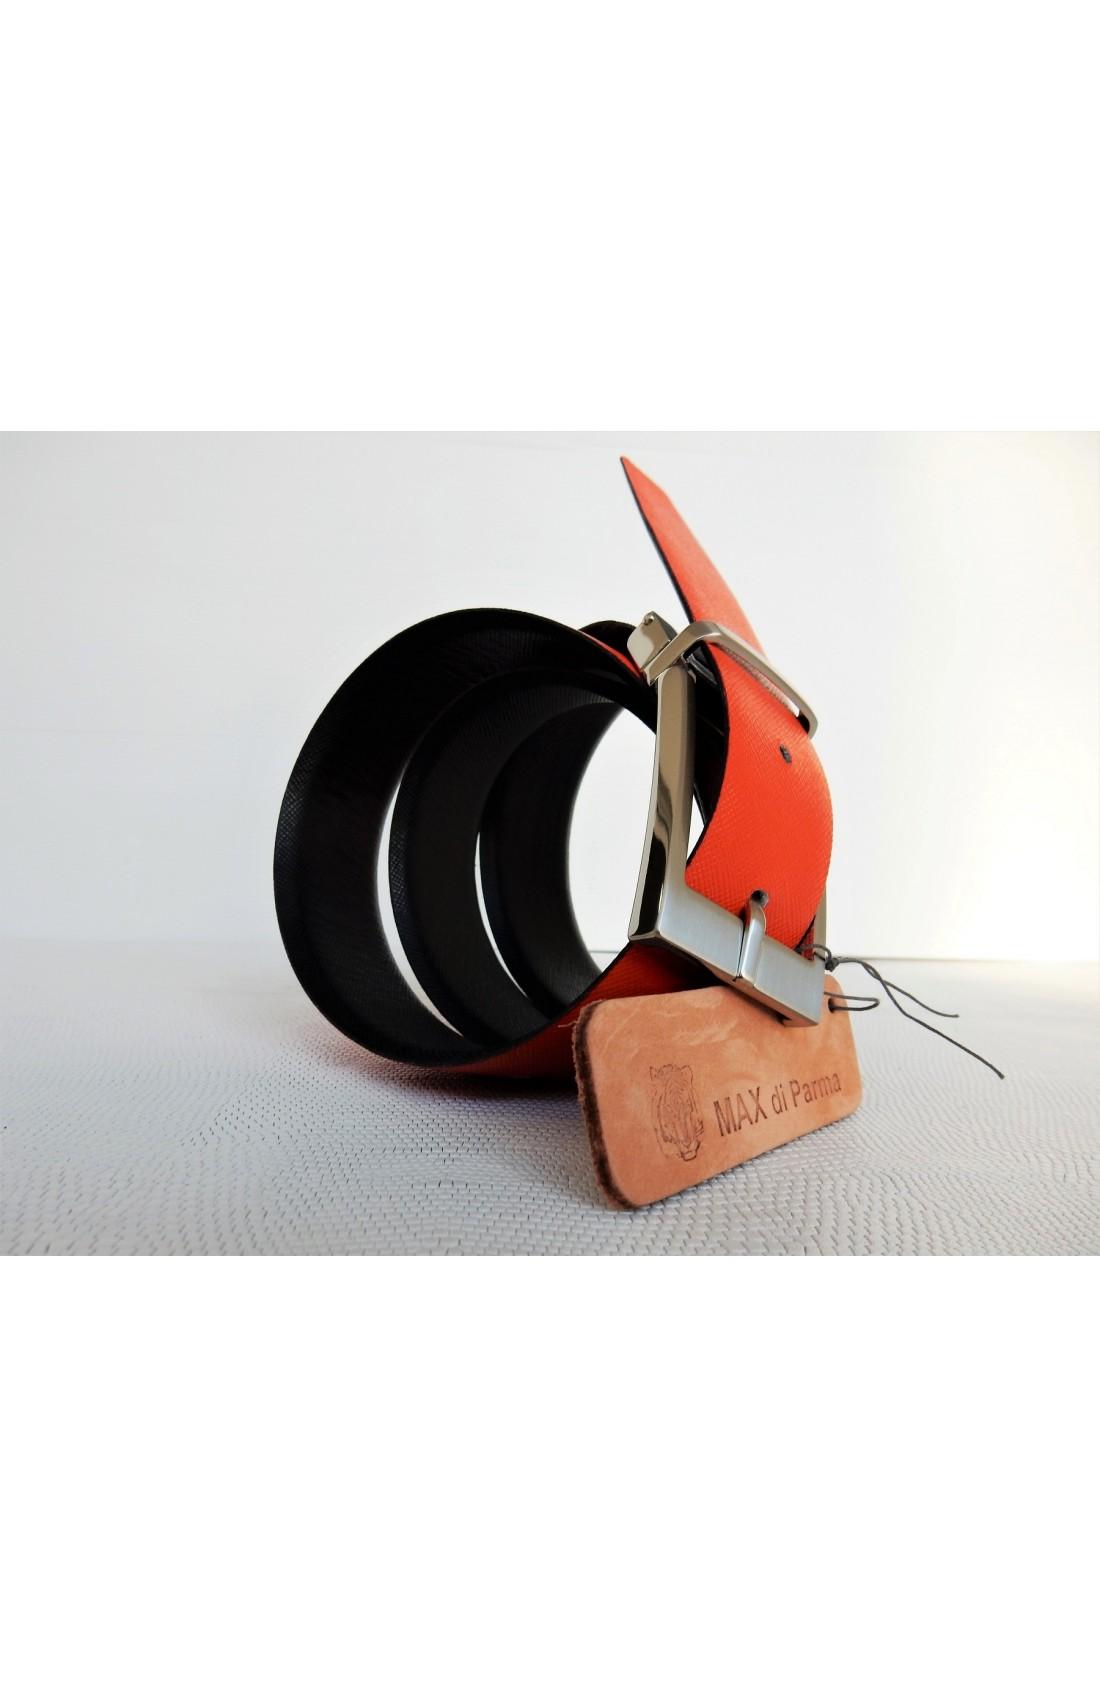 art. a476 SAFFIANO mm.35 var.1 nero + var.8 arancione fibbia Y 10 (4)